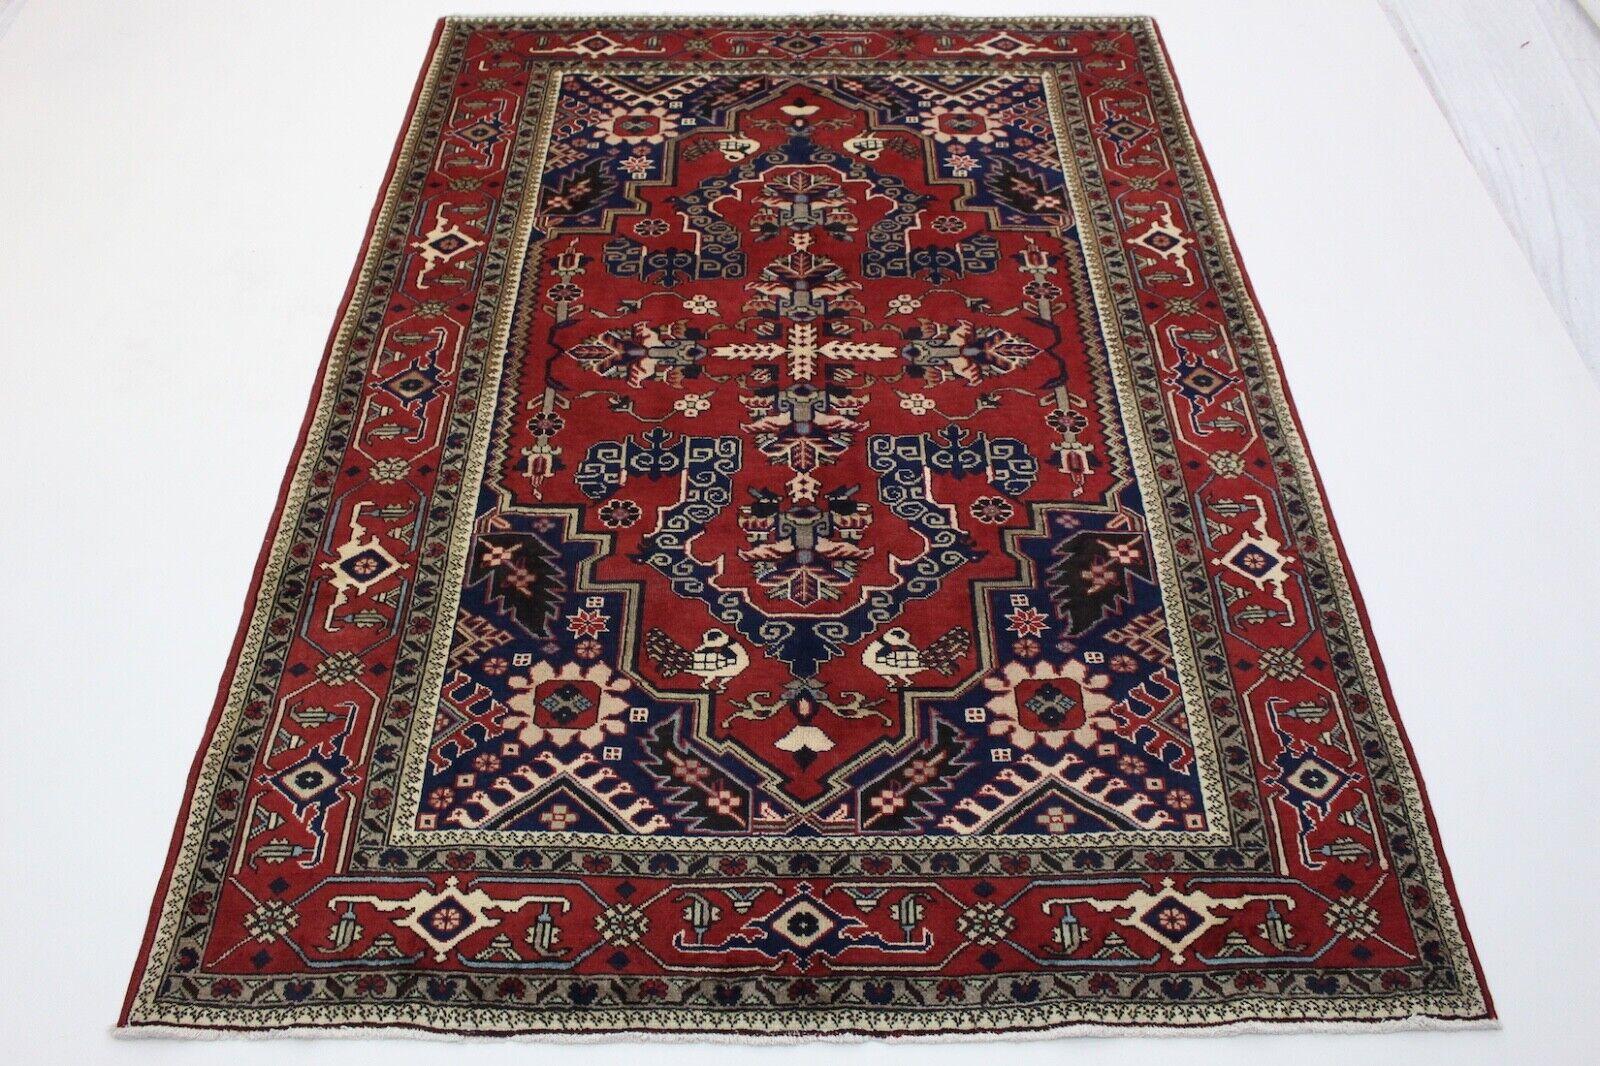 Subalmacén de venta alfombra persa sarough clásico hermosa 300x210 hecha kl201977